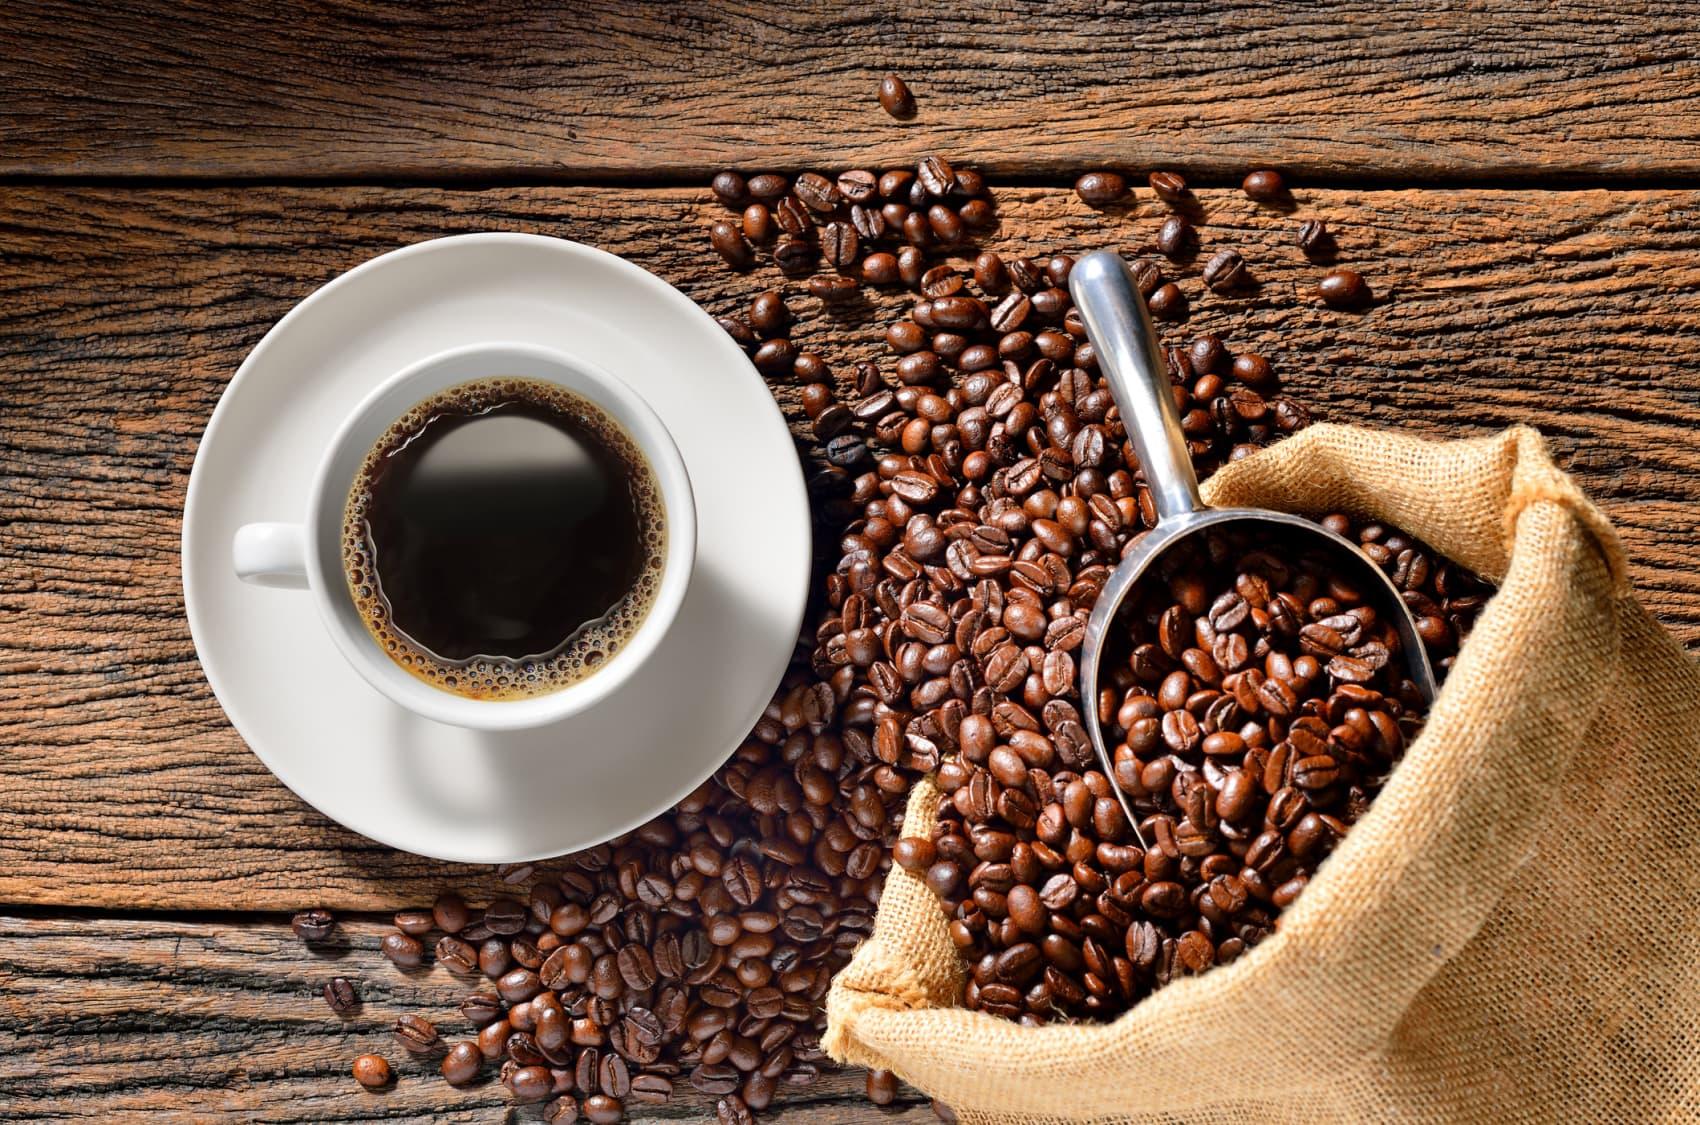 Google Caffeine update